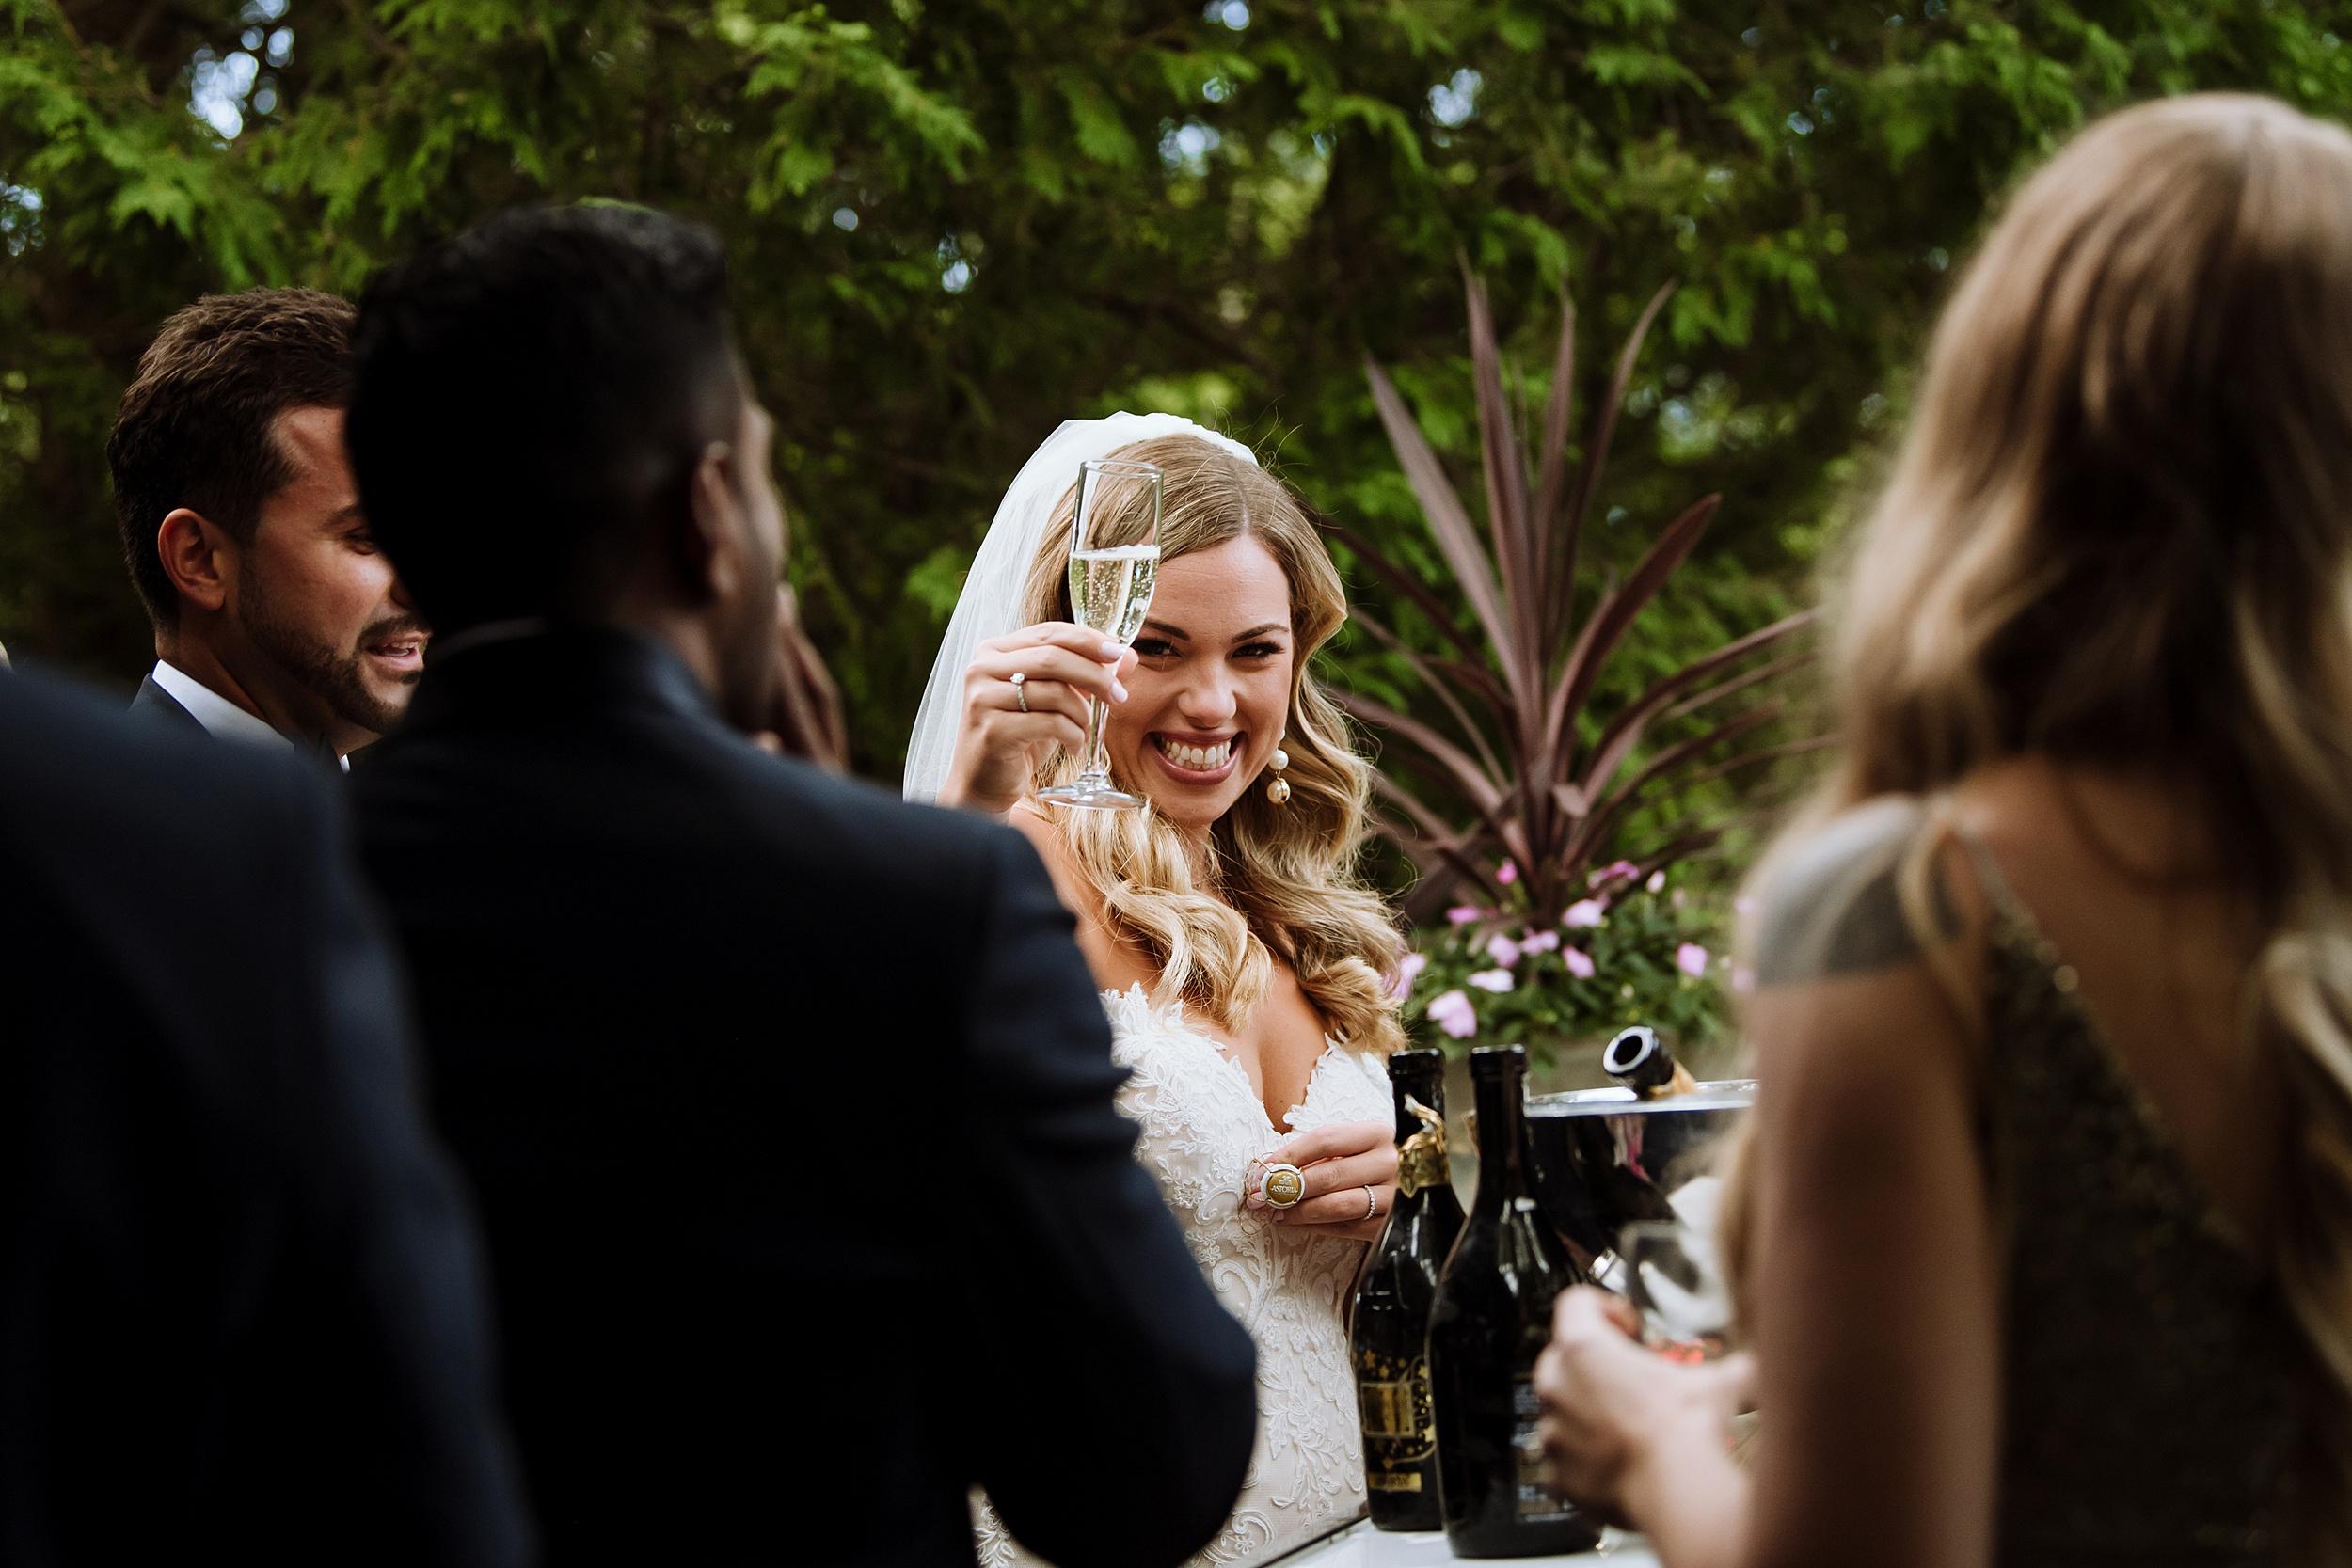 Rustic_Backyard_Wedding_Toronto_Photographer122.jpg